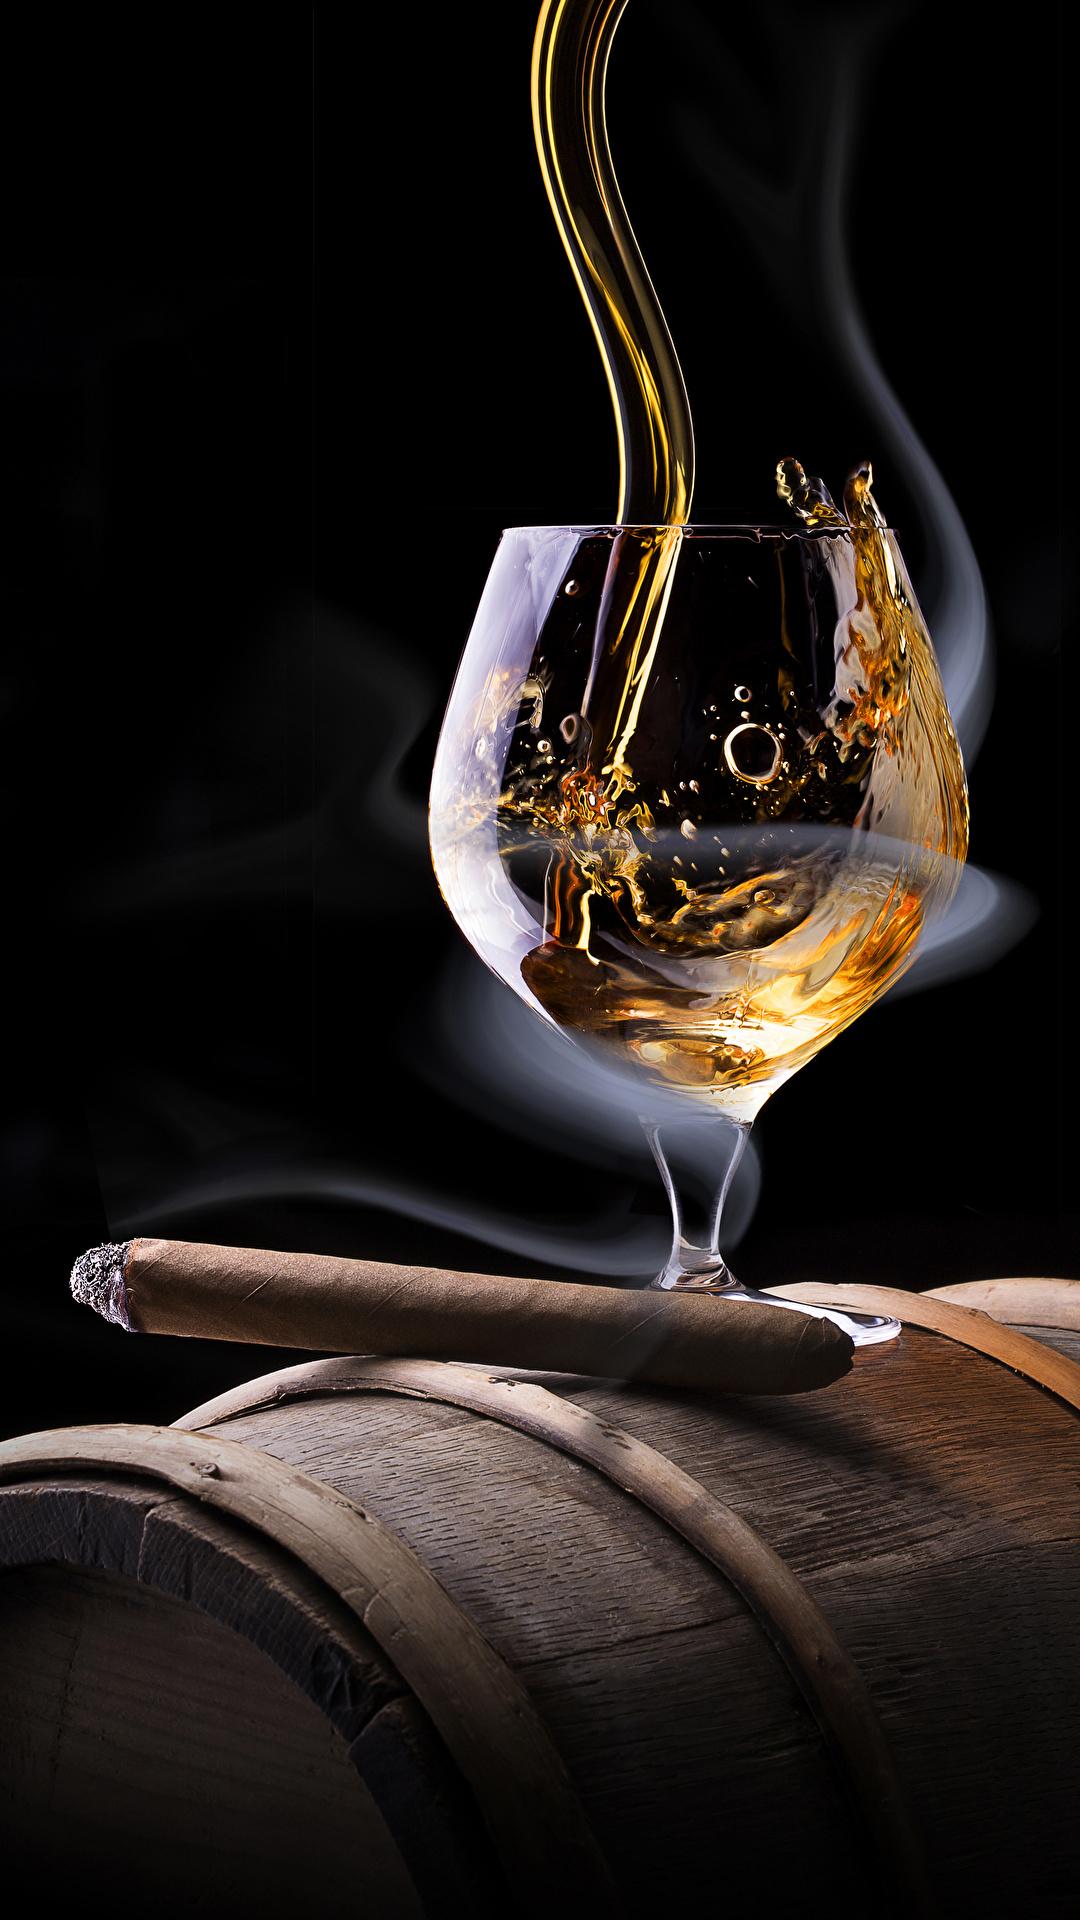 Фотографии Сигара Алкогольные напитки Виски Еда Дым Бокалы Черный фон 1080x1920 для мобильного телефона